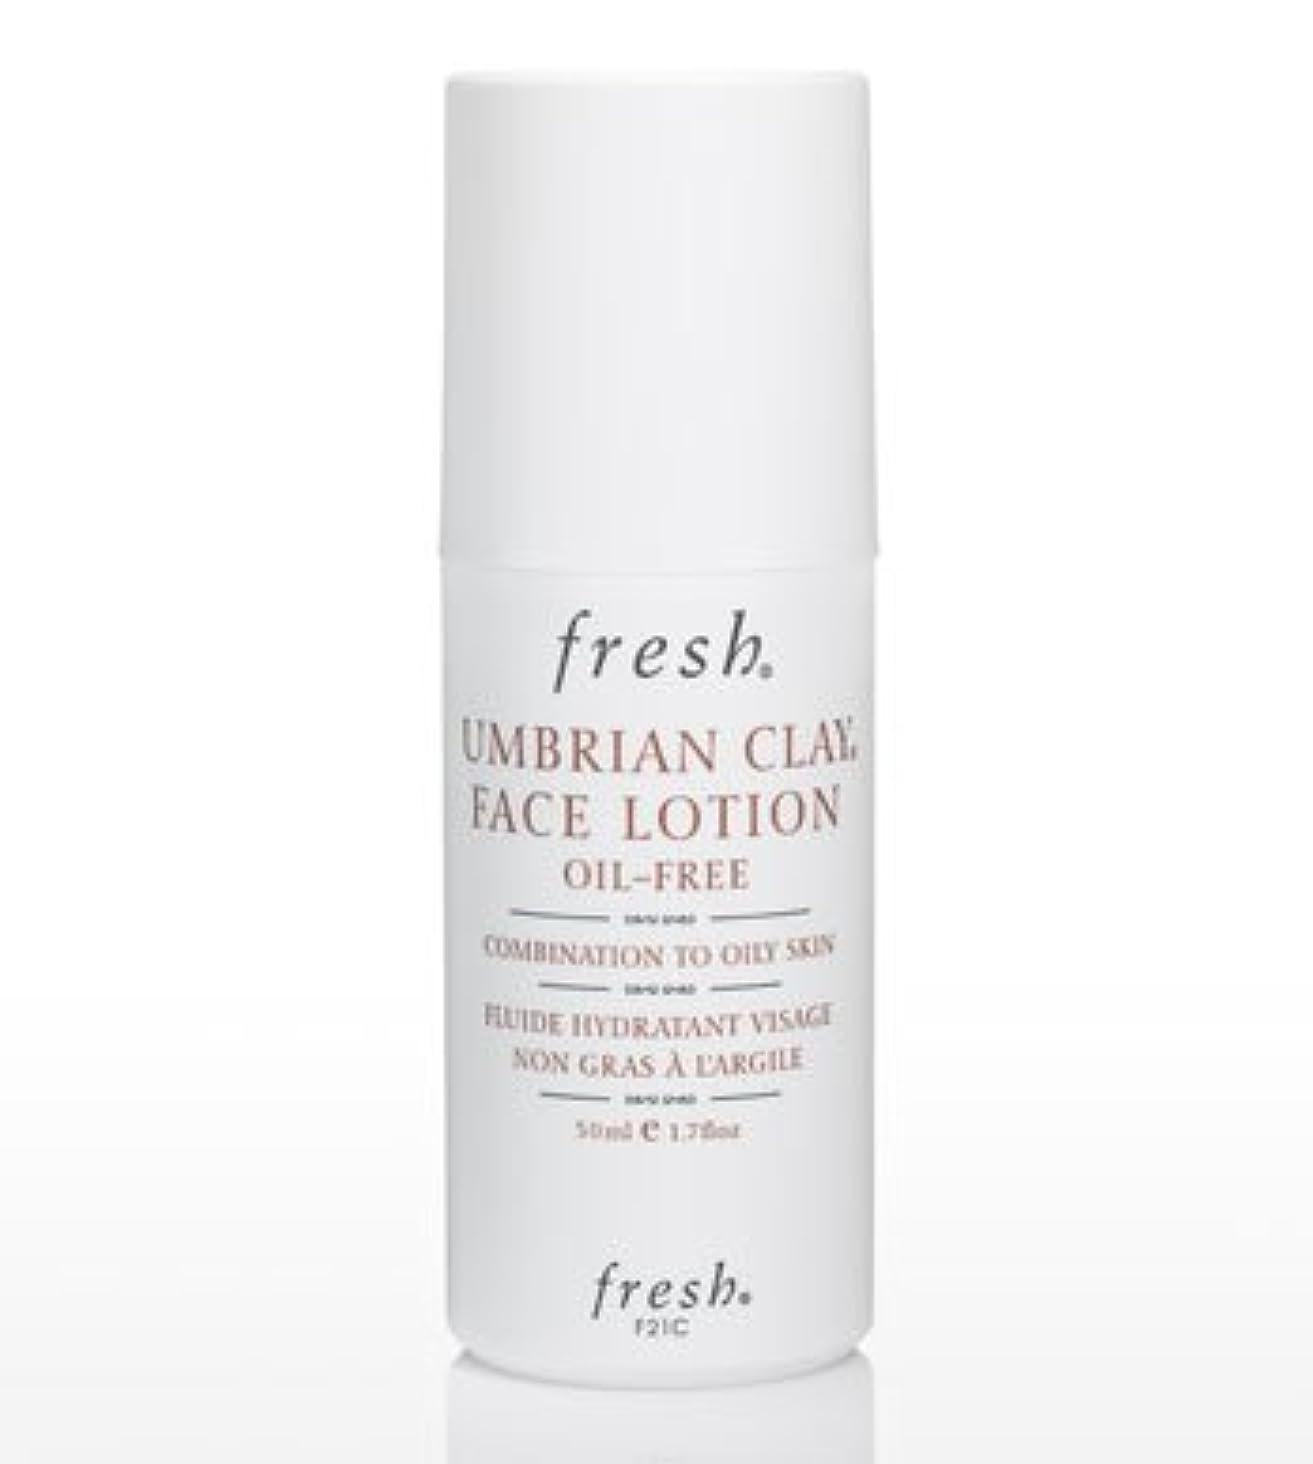 支給友情五十Fresh UMBRIAN CLAY OIL-FREE FACE LOTION (フレッシュ アンブリアンクレイ オイルフリー フェイスローション) 1.7 oz (50ml) by Fresh for Women